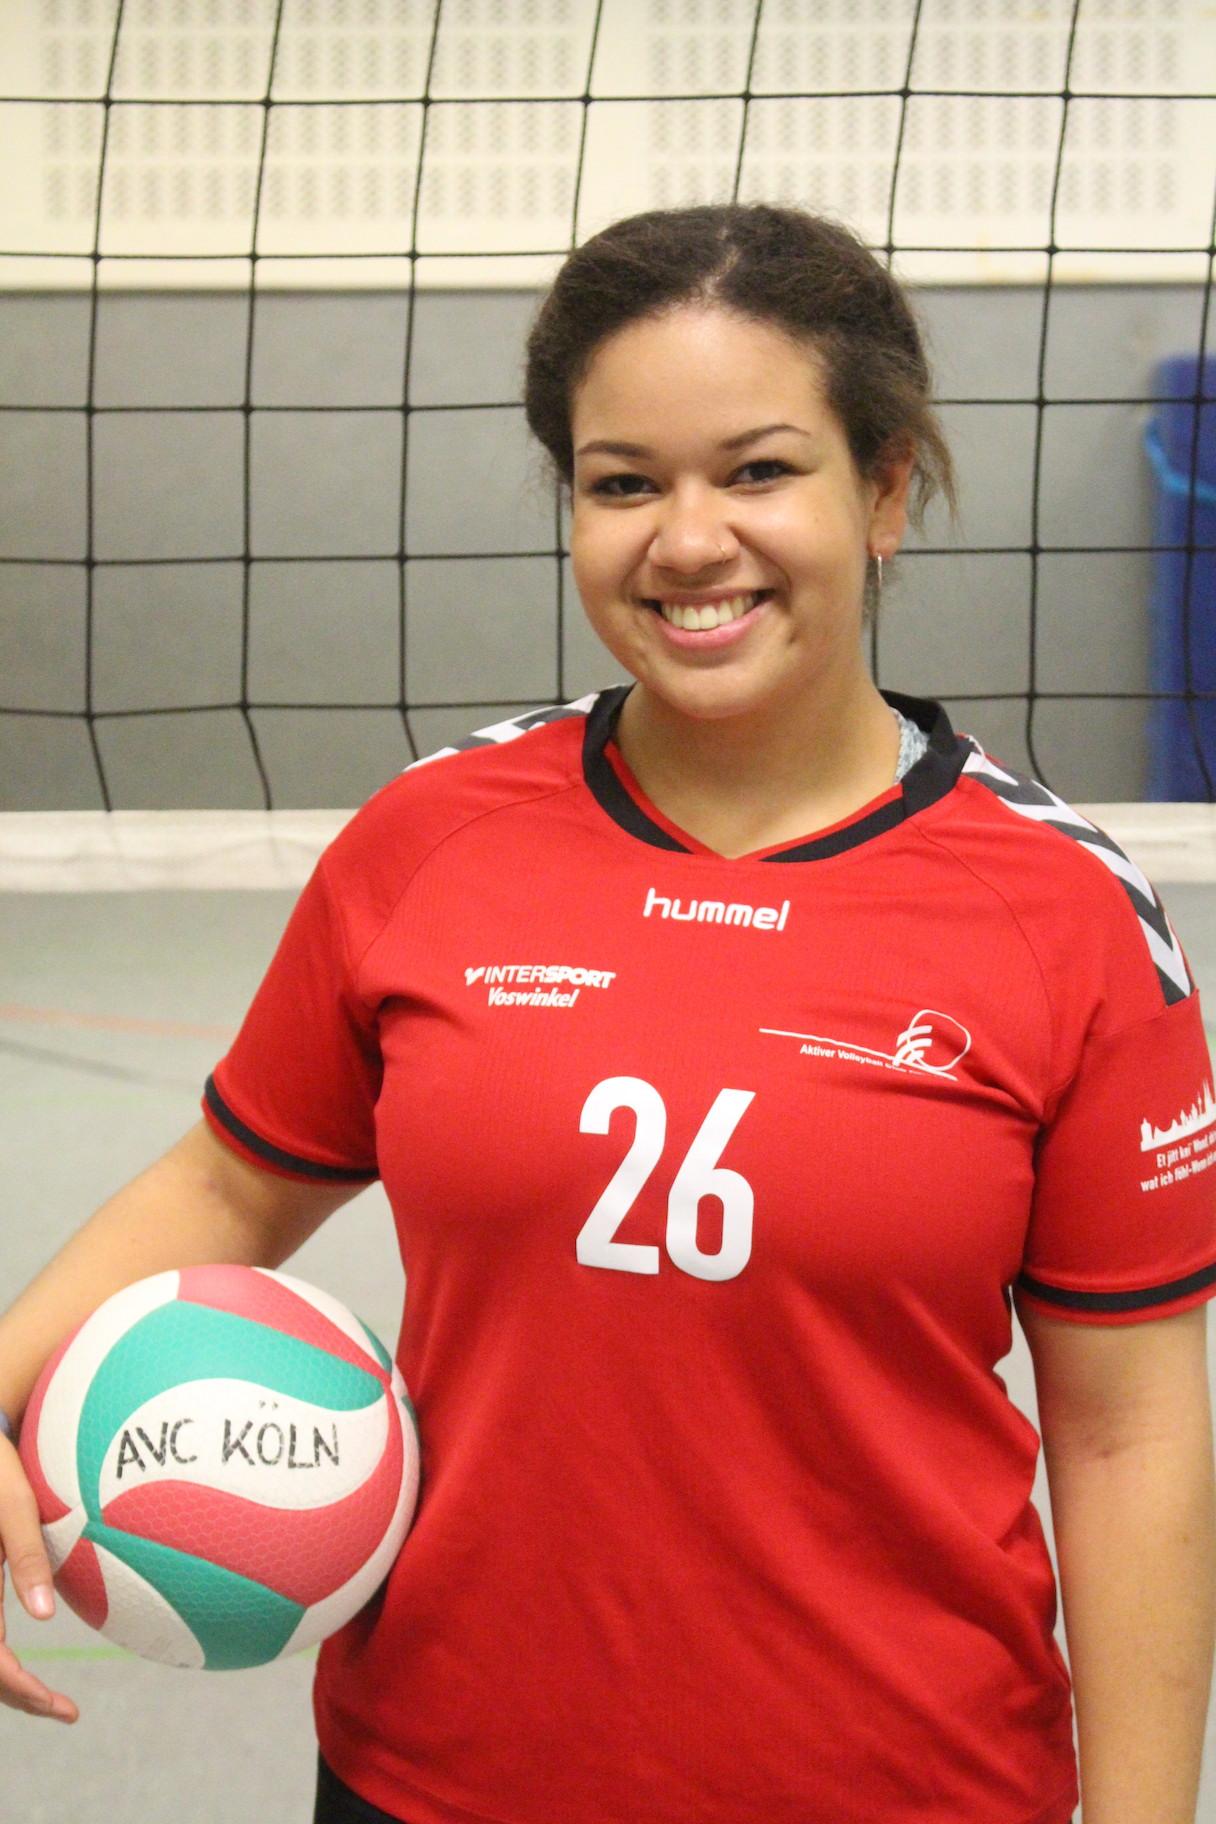 Katja Over